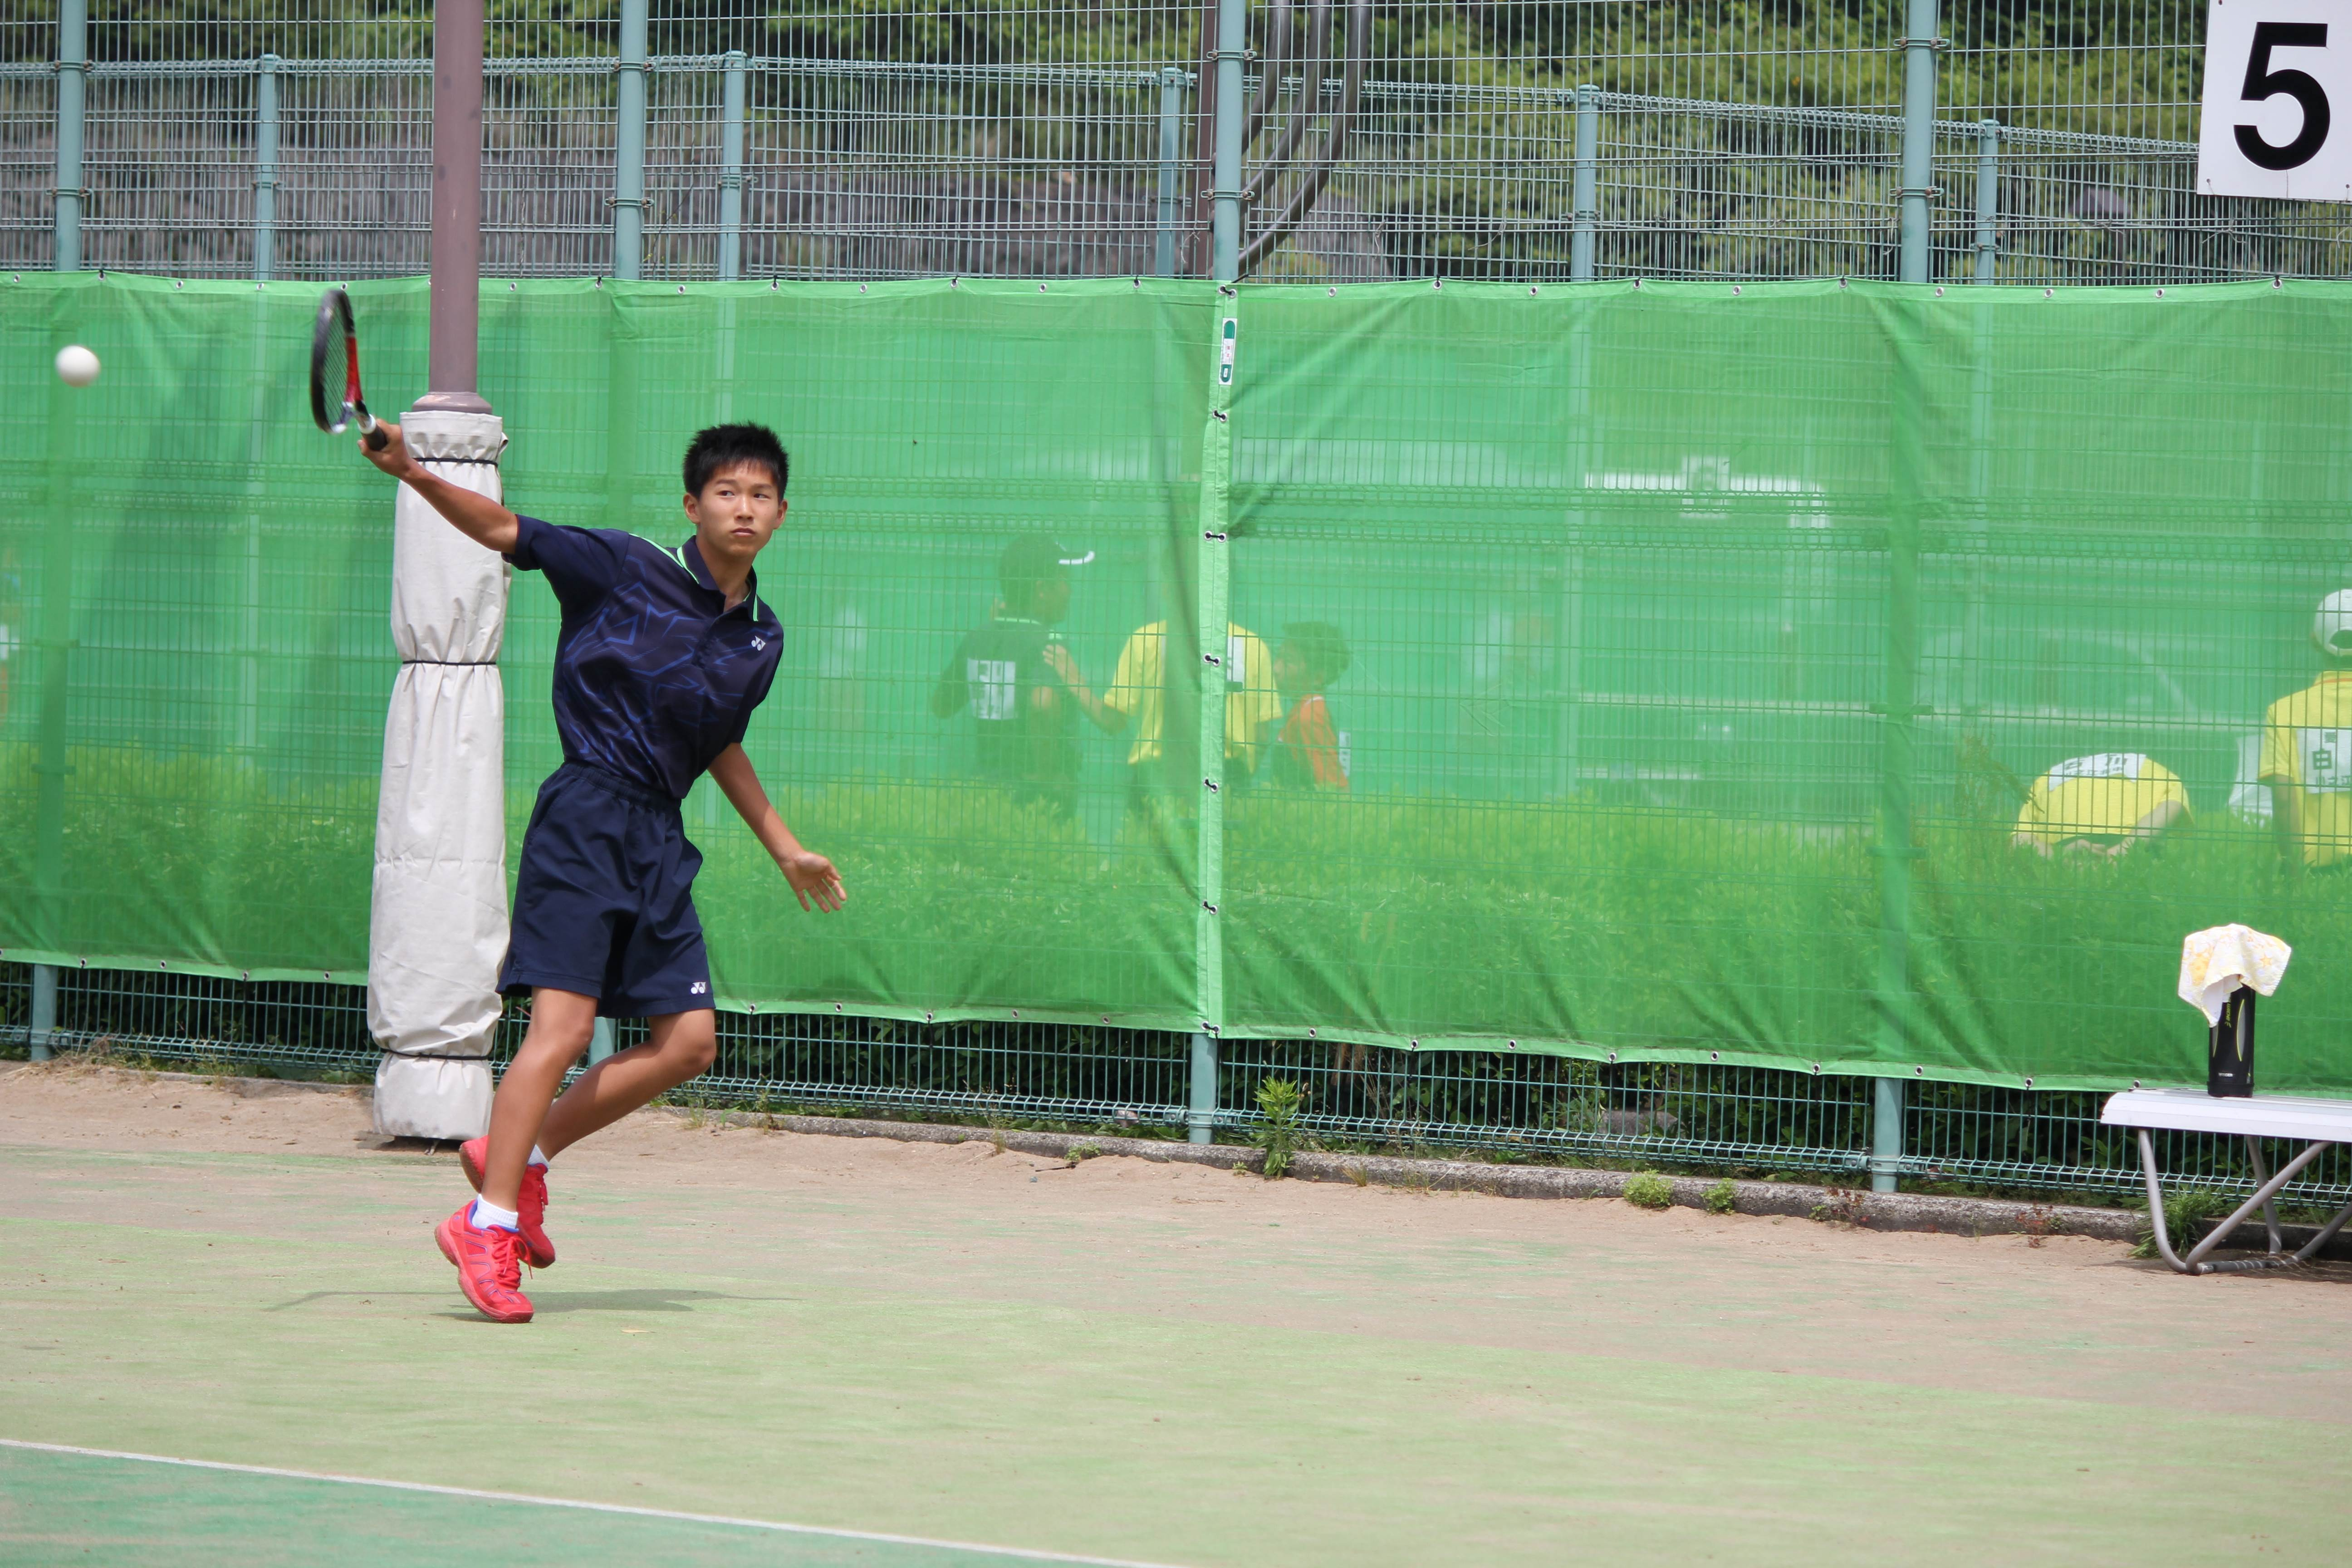 ソフトテニス (52)